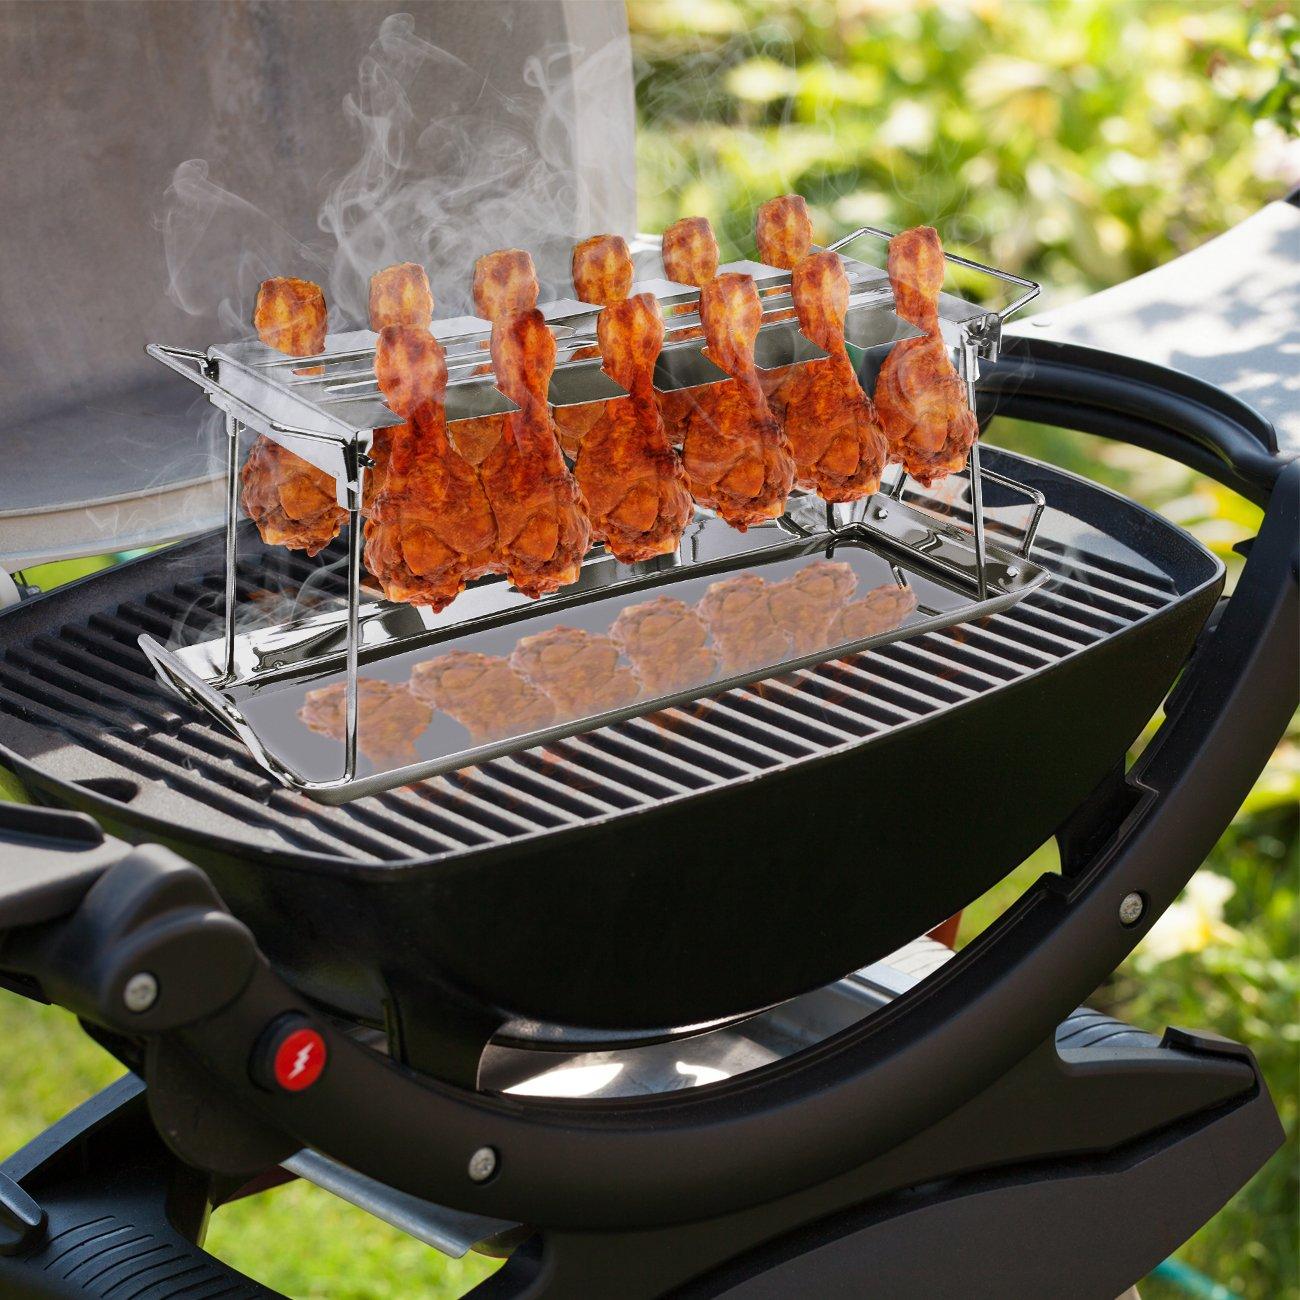 ... Rack 12 ranura - multiusos para patas de pollo o alas - muslo de pollo asador para horno, parrilla de fumador, o, ideal para barbacoas, picnics, etc., ...